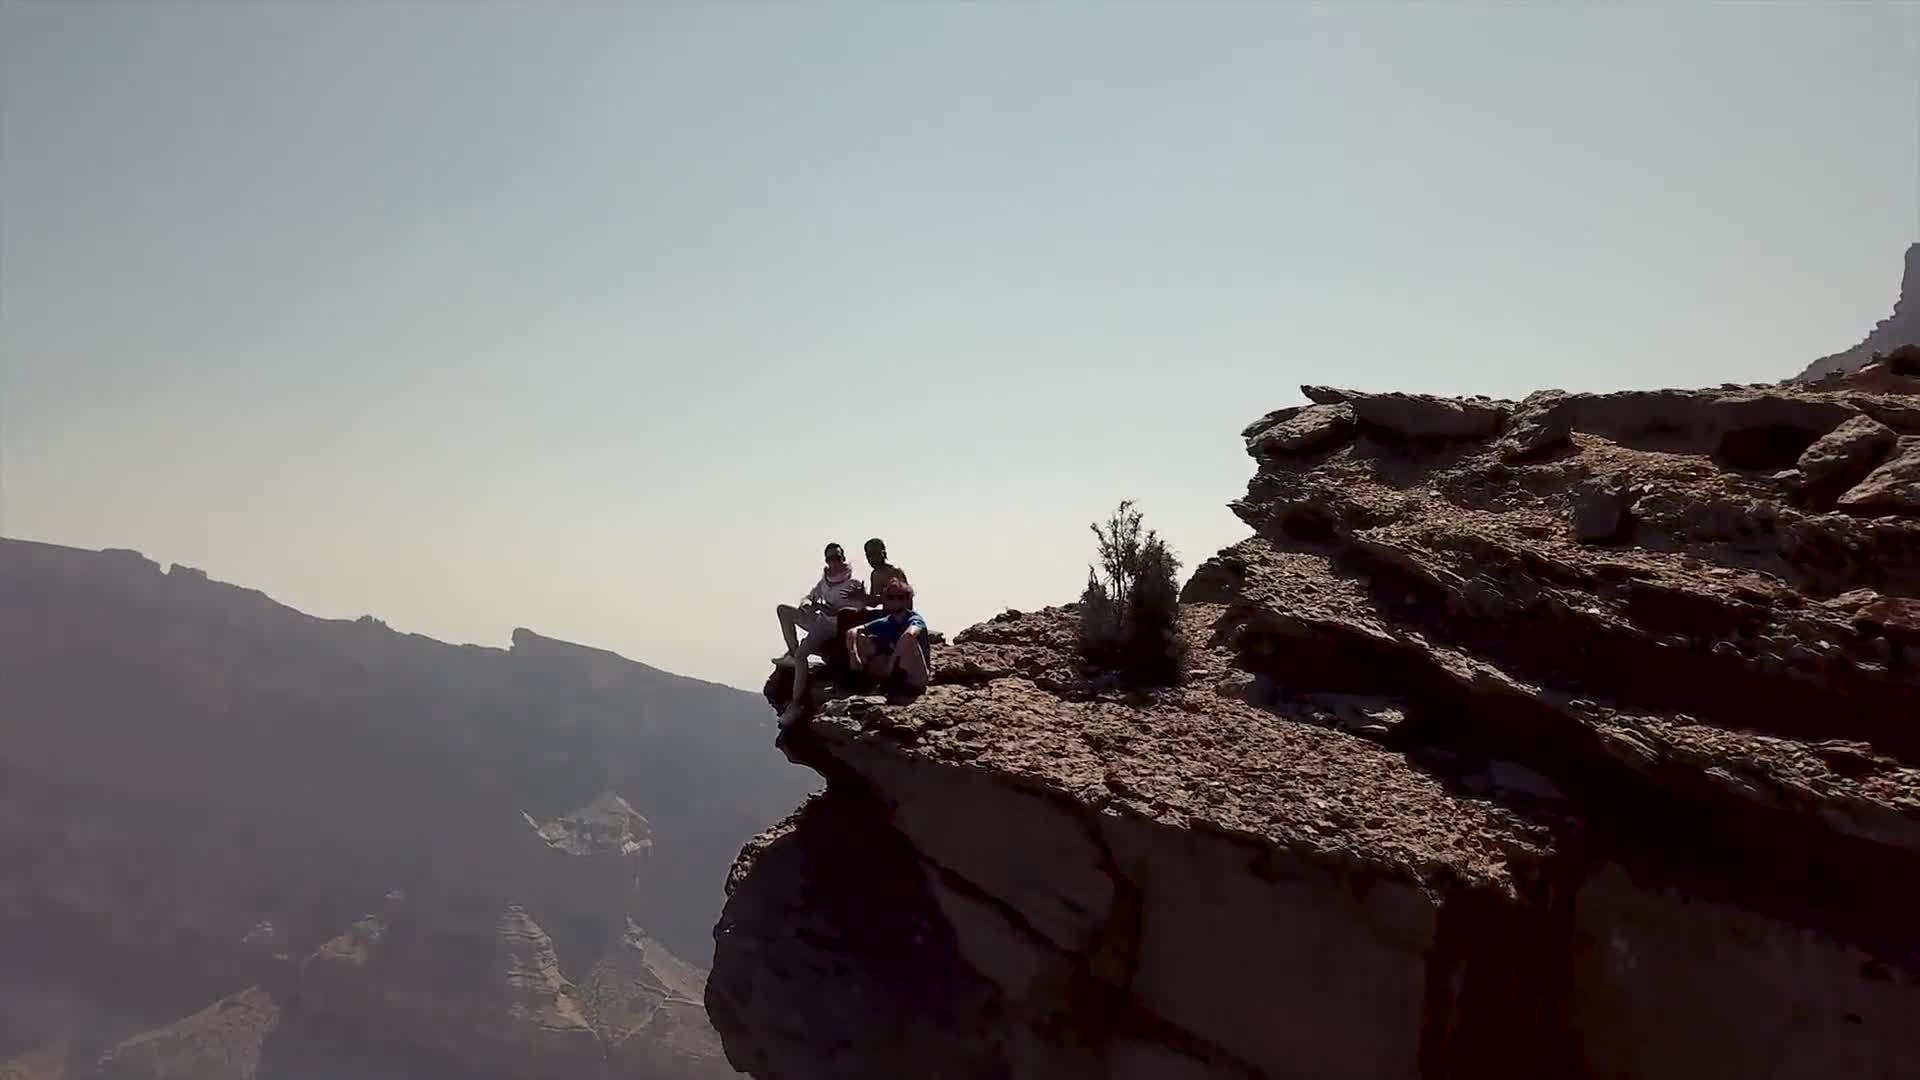 عمان، شاه نشین صخره ای در میان بیابان ها